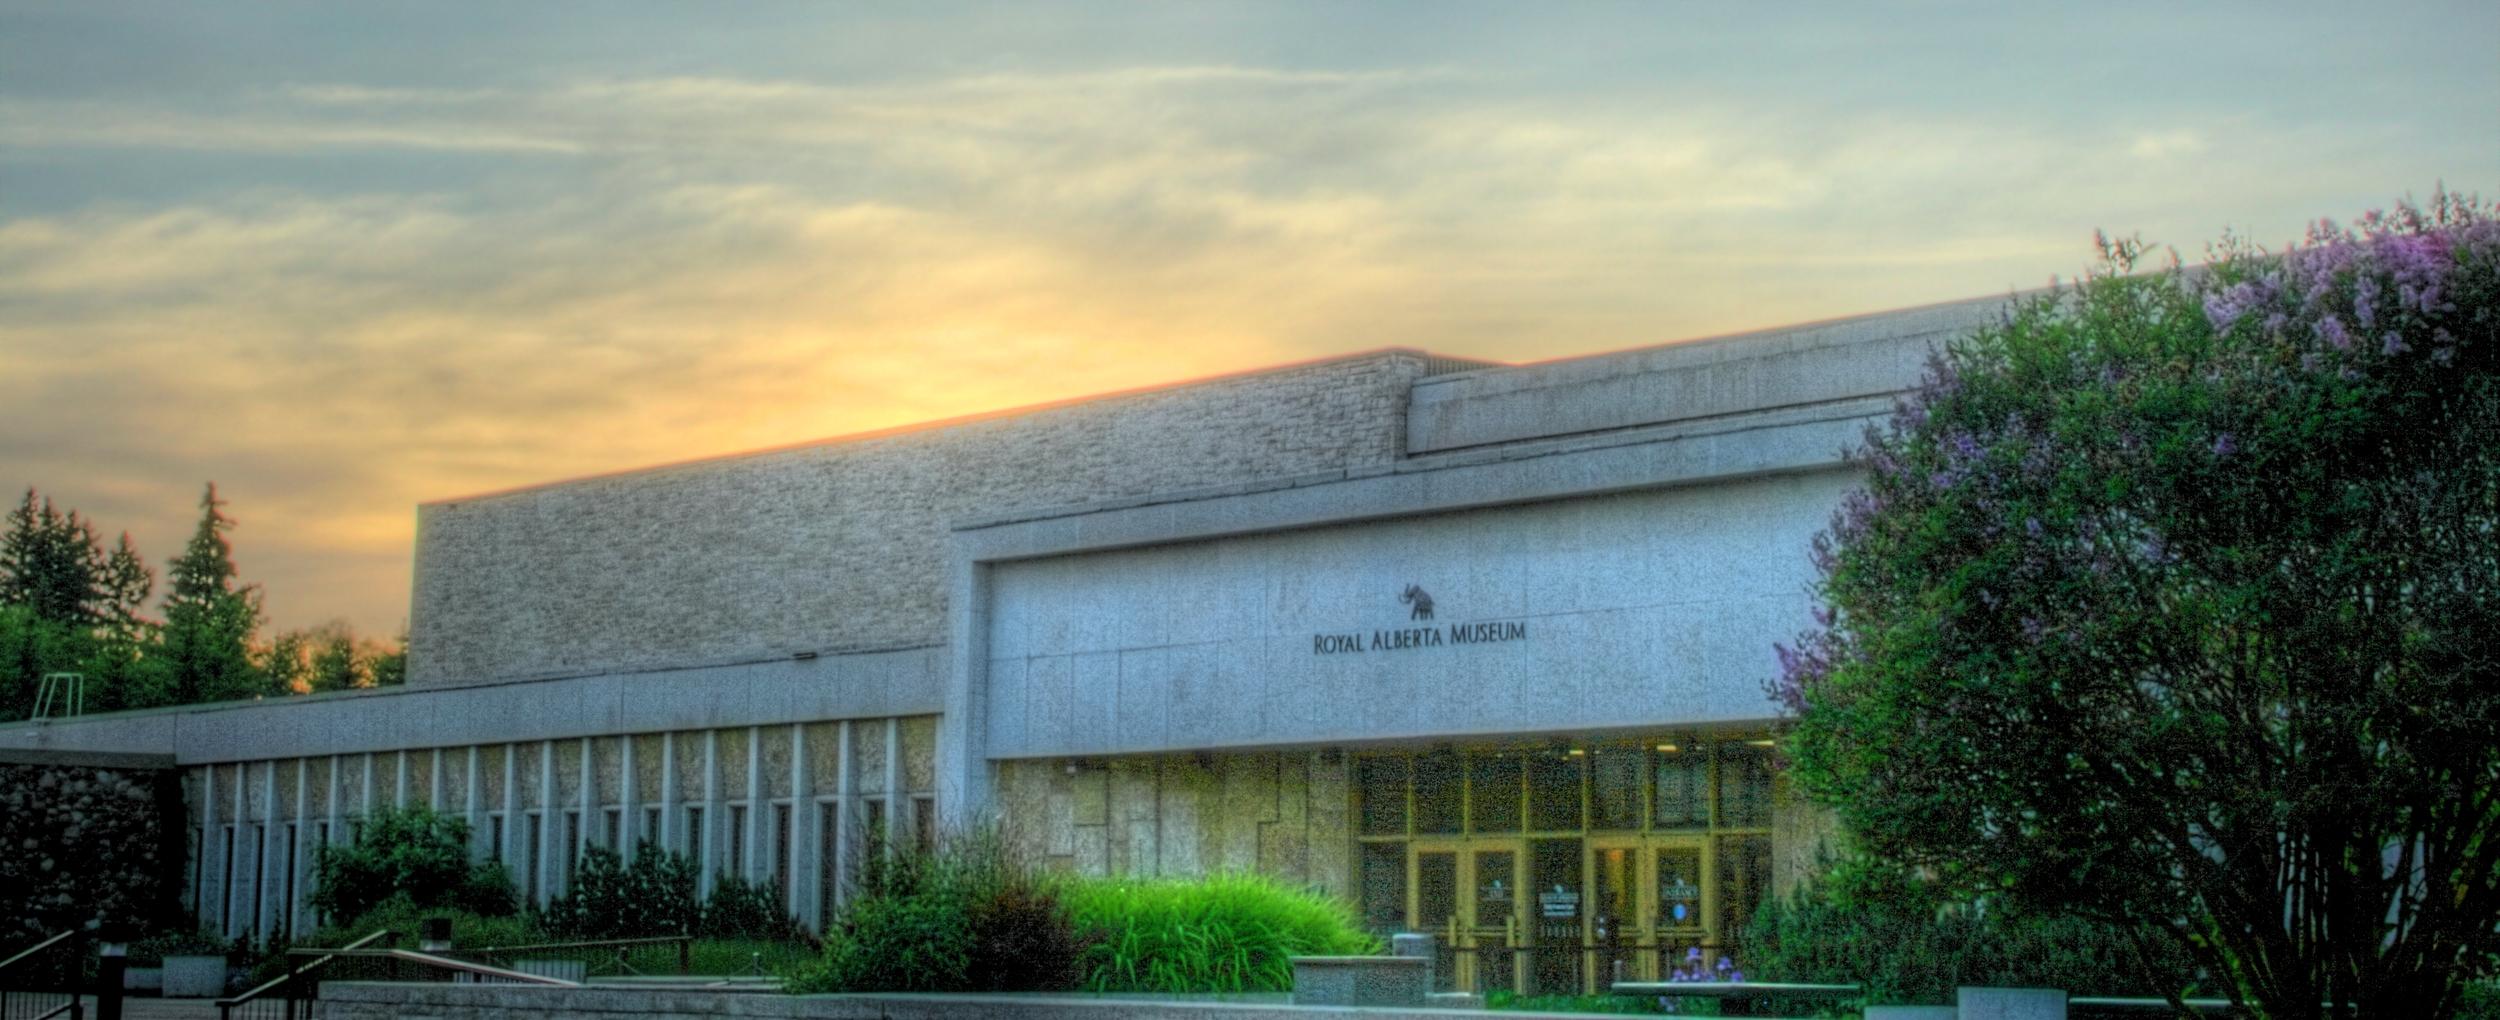 Existing Royal Alberta Museum